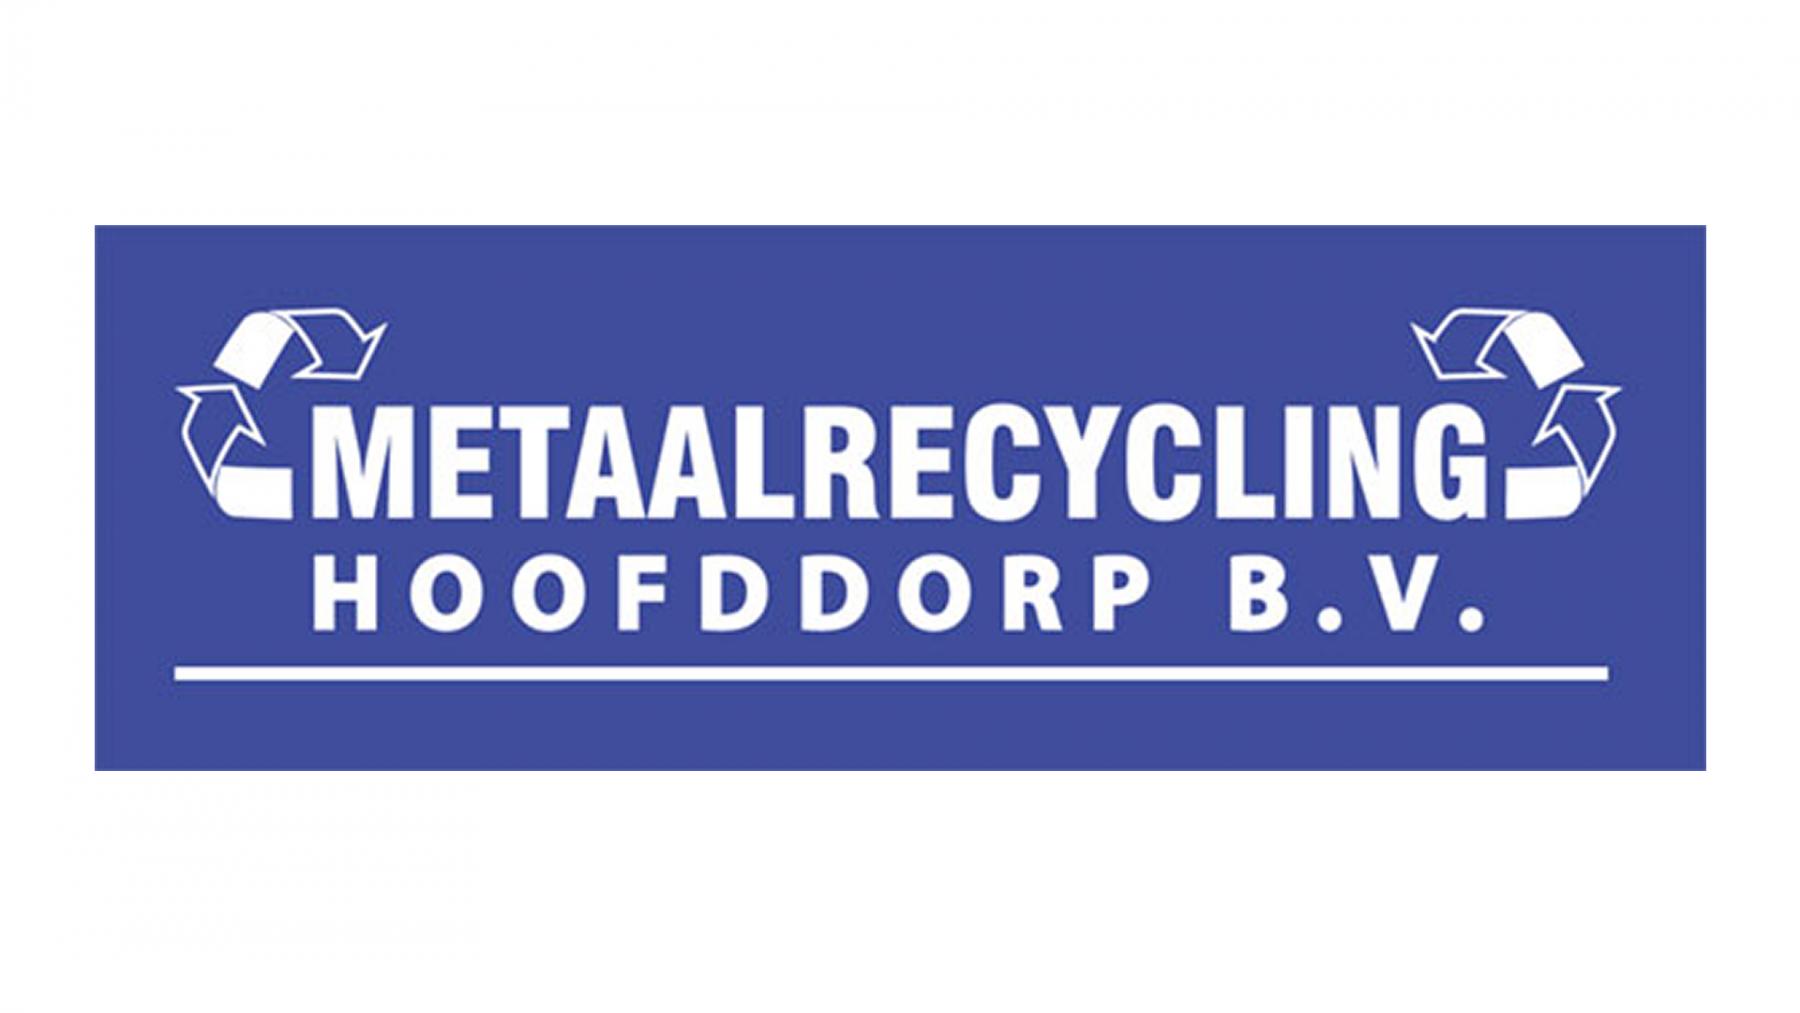 Metaalrecycling-Hoofddorp.fw_